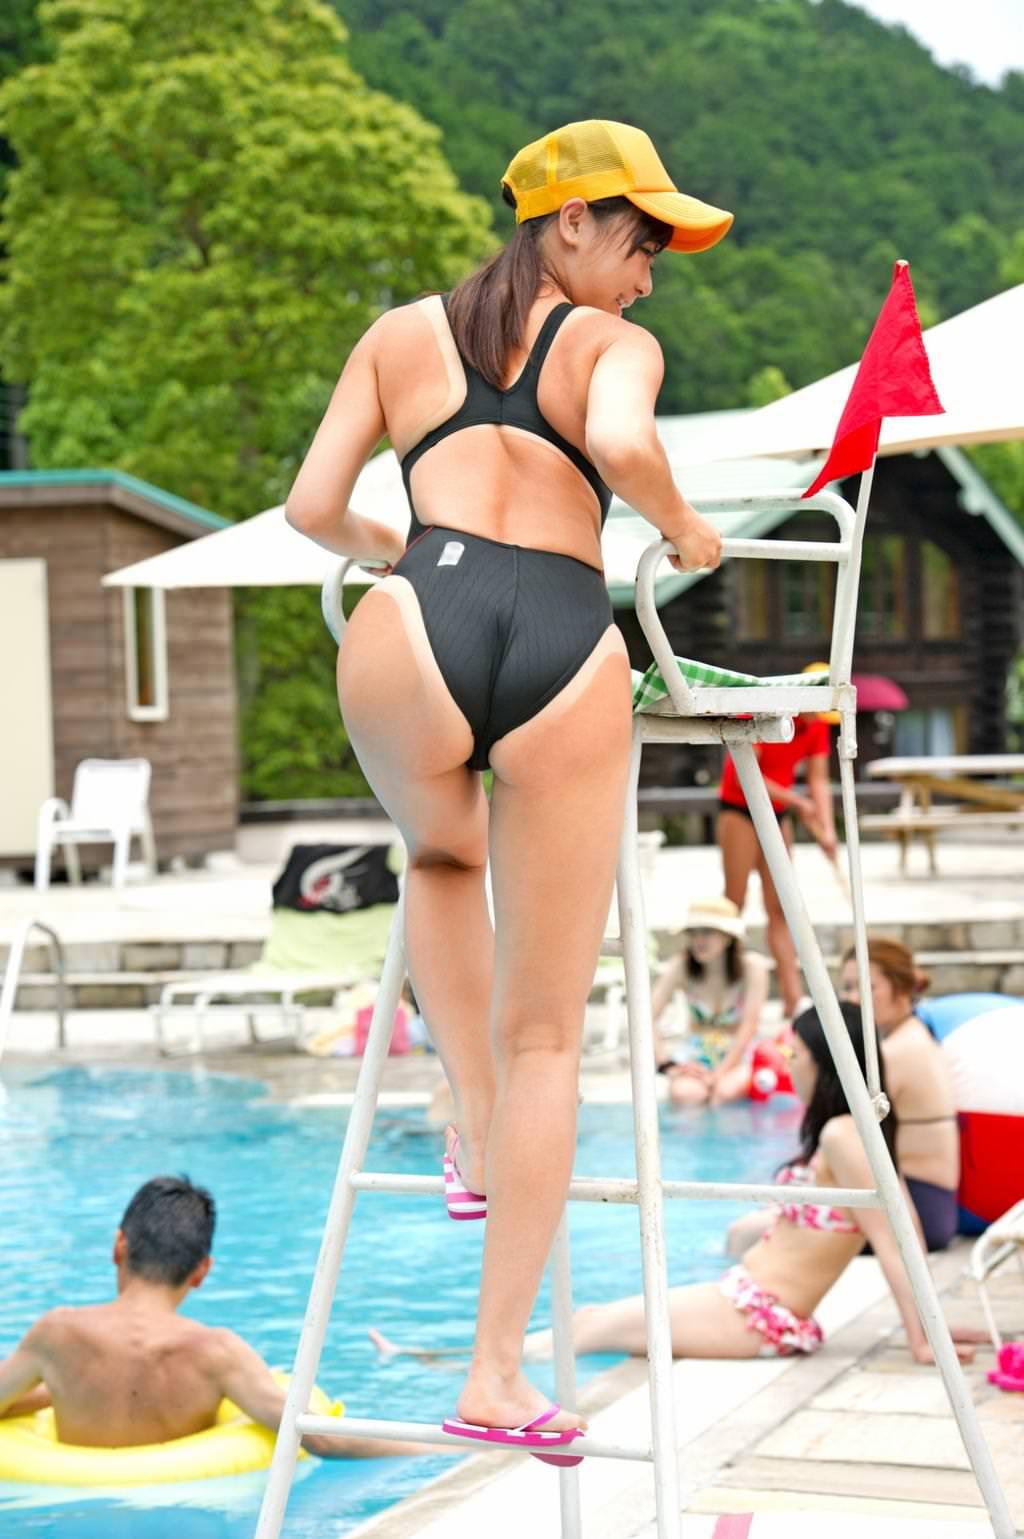 【画像】えちえちなプール監視員のお姉さんがコチラw